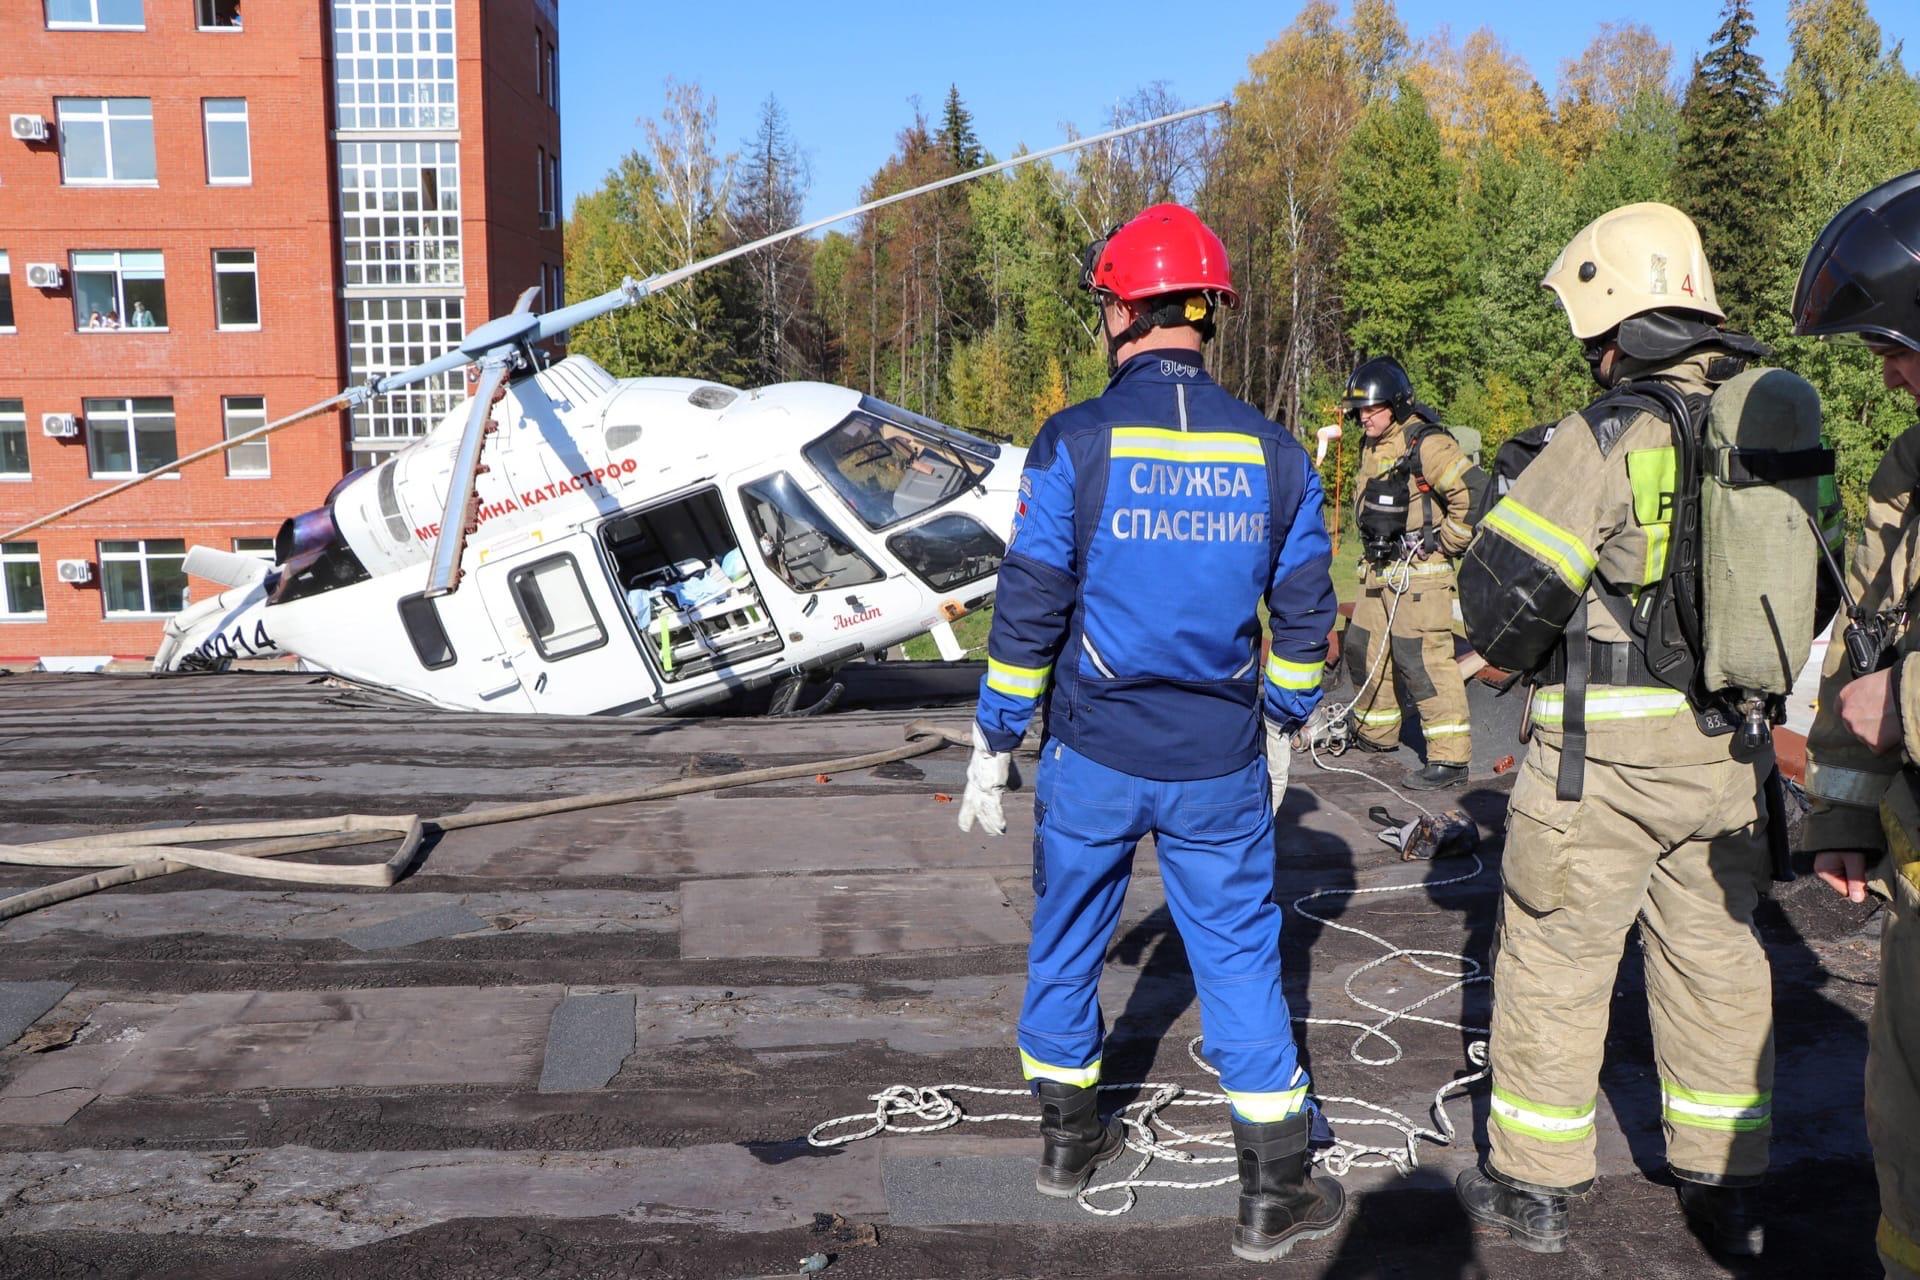 Пациентом, на борту экстренно приземлившегося вертолёта, оказался